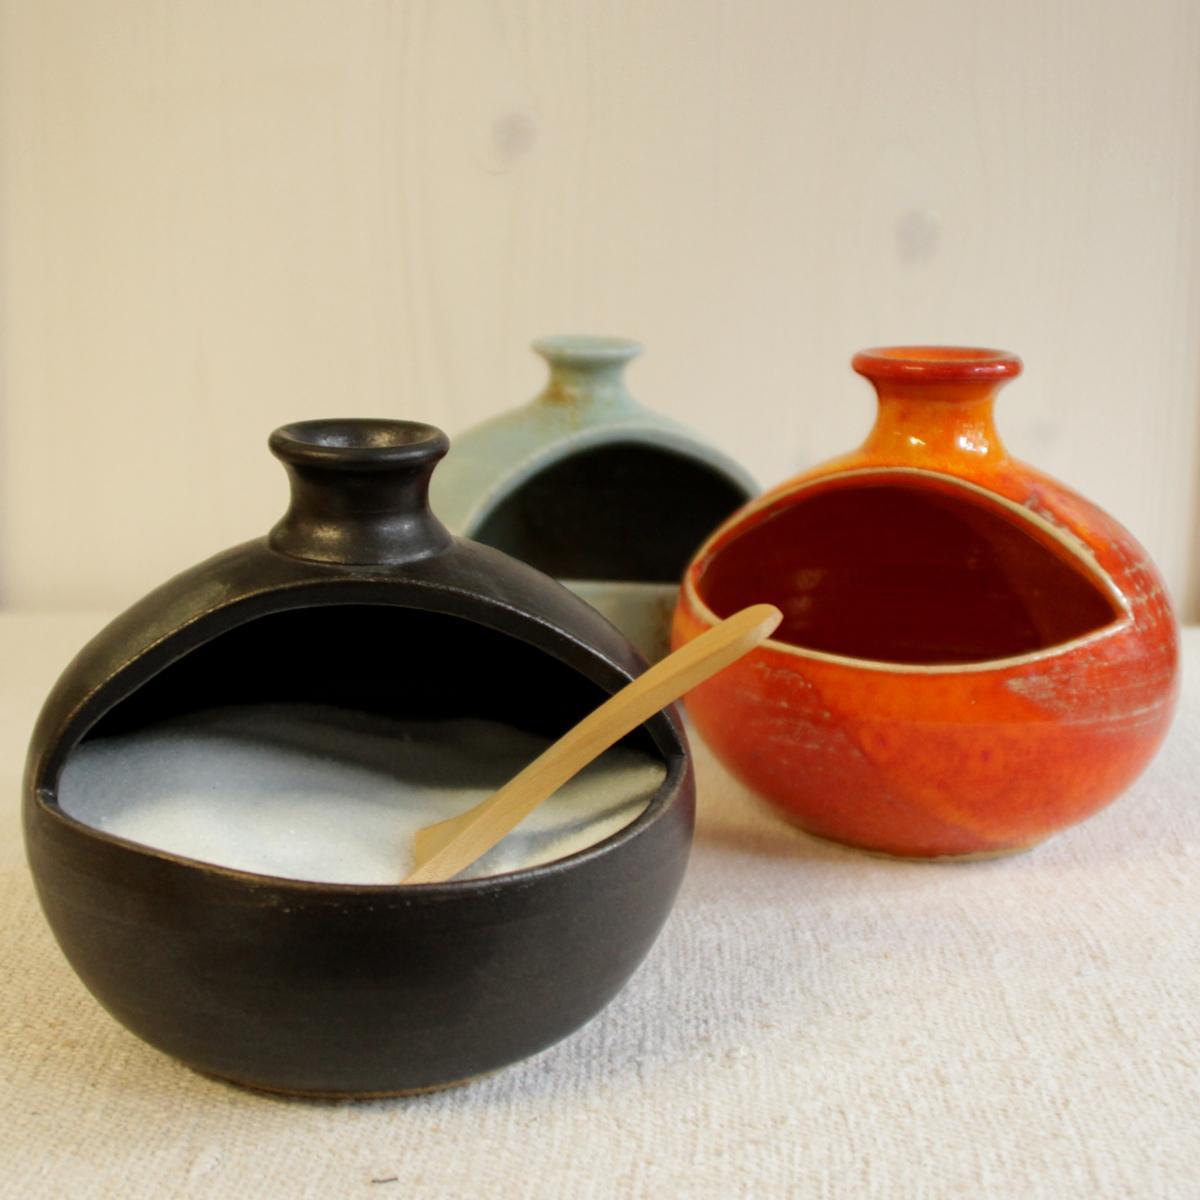 salzfass keramik weissensteiner. Black Bedroom Furniture Sets. Home Design Ideas